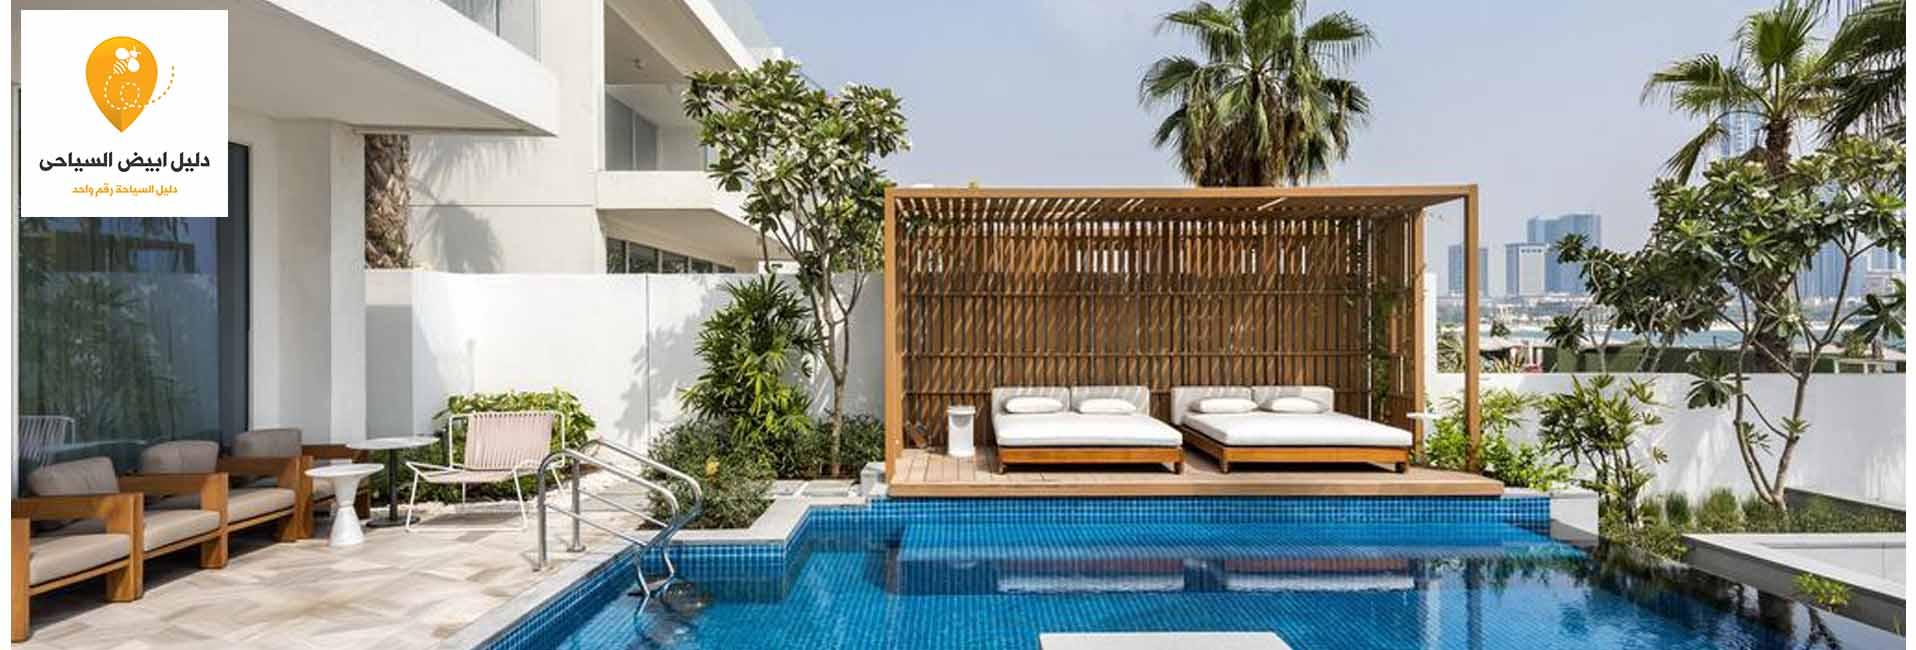 فندق سوفيتيل دبي بالم ريزورت آند سبا دبي